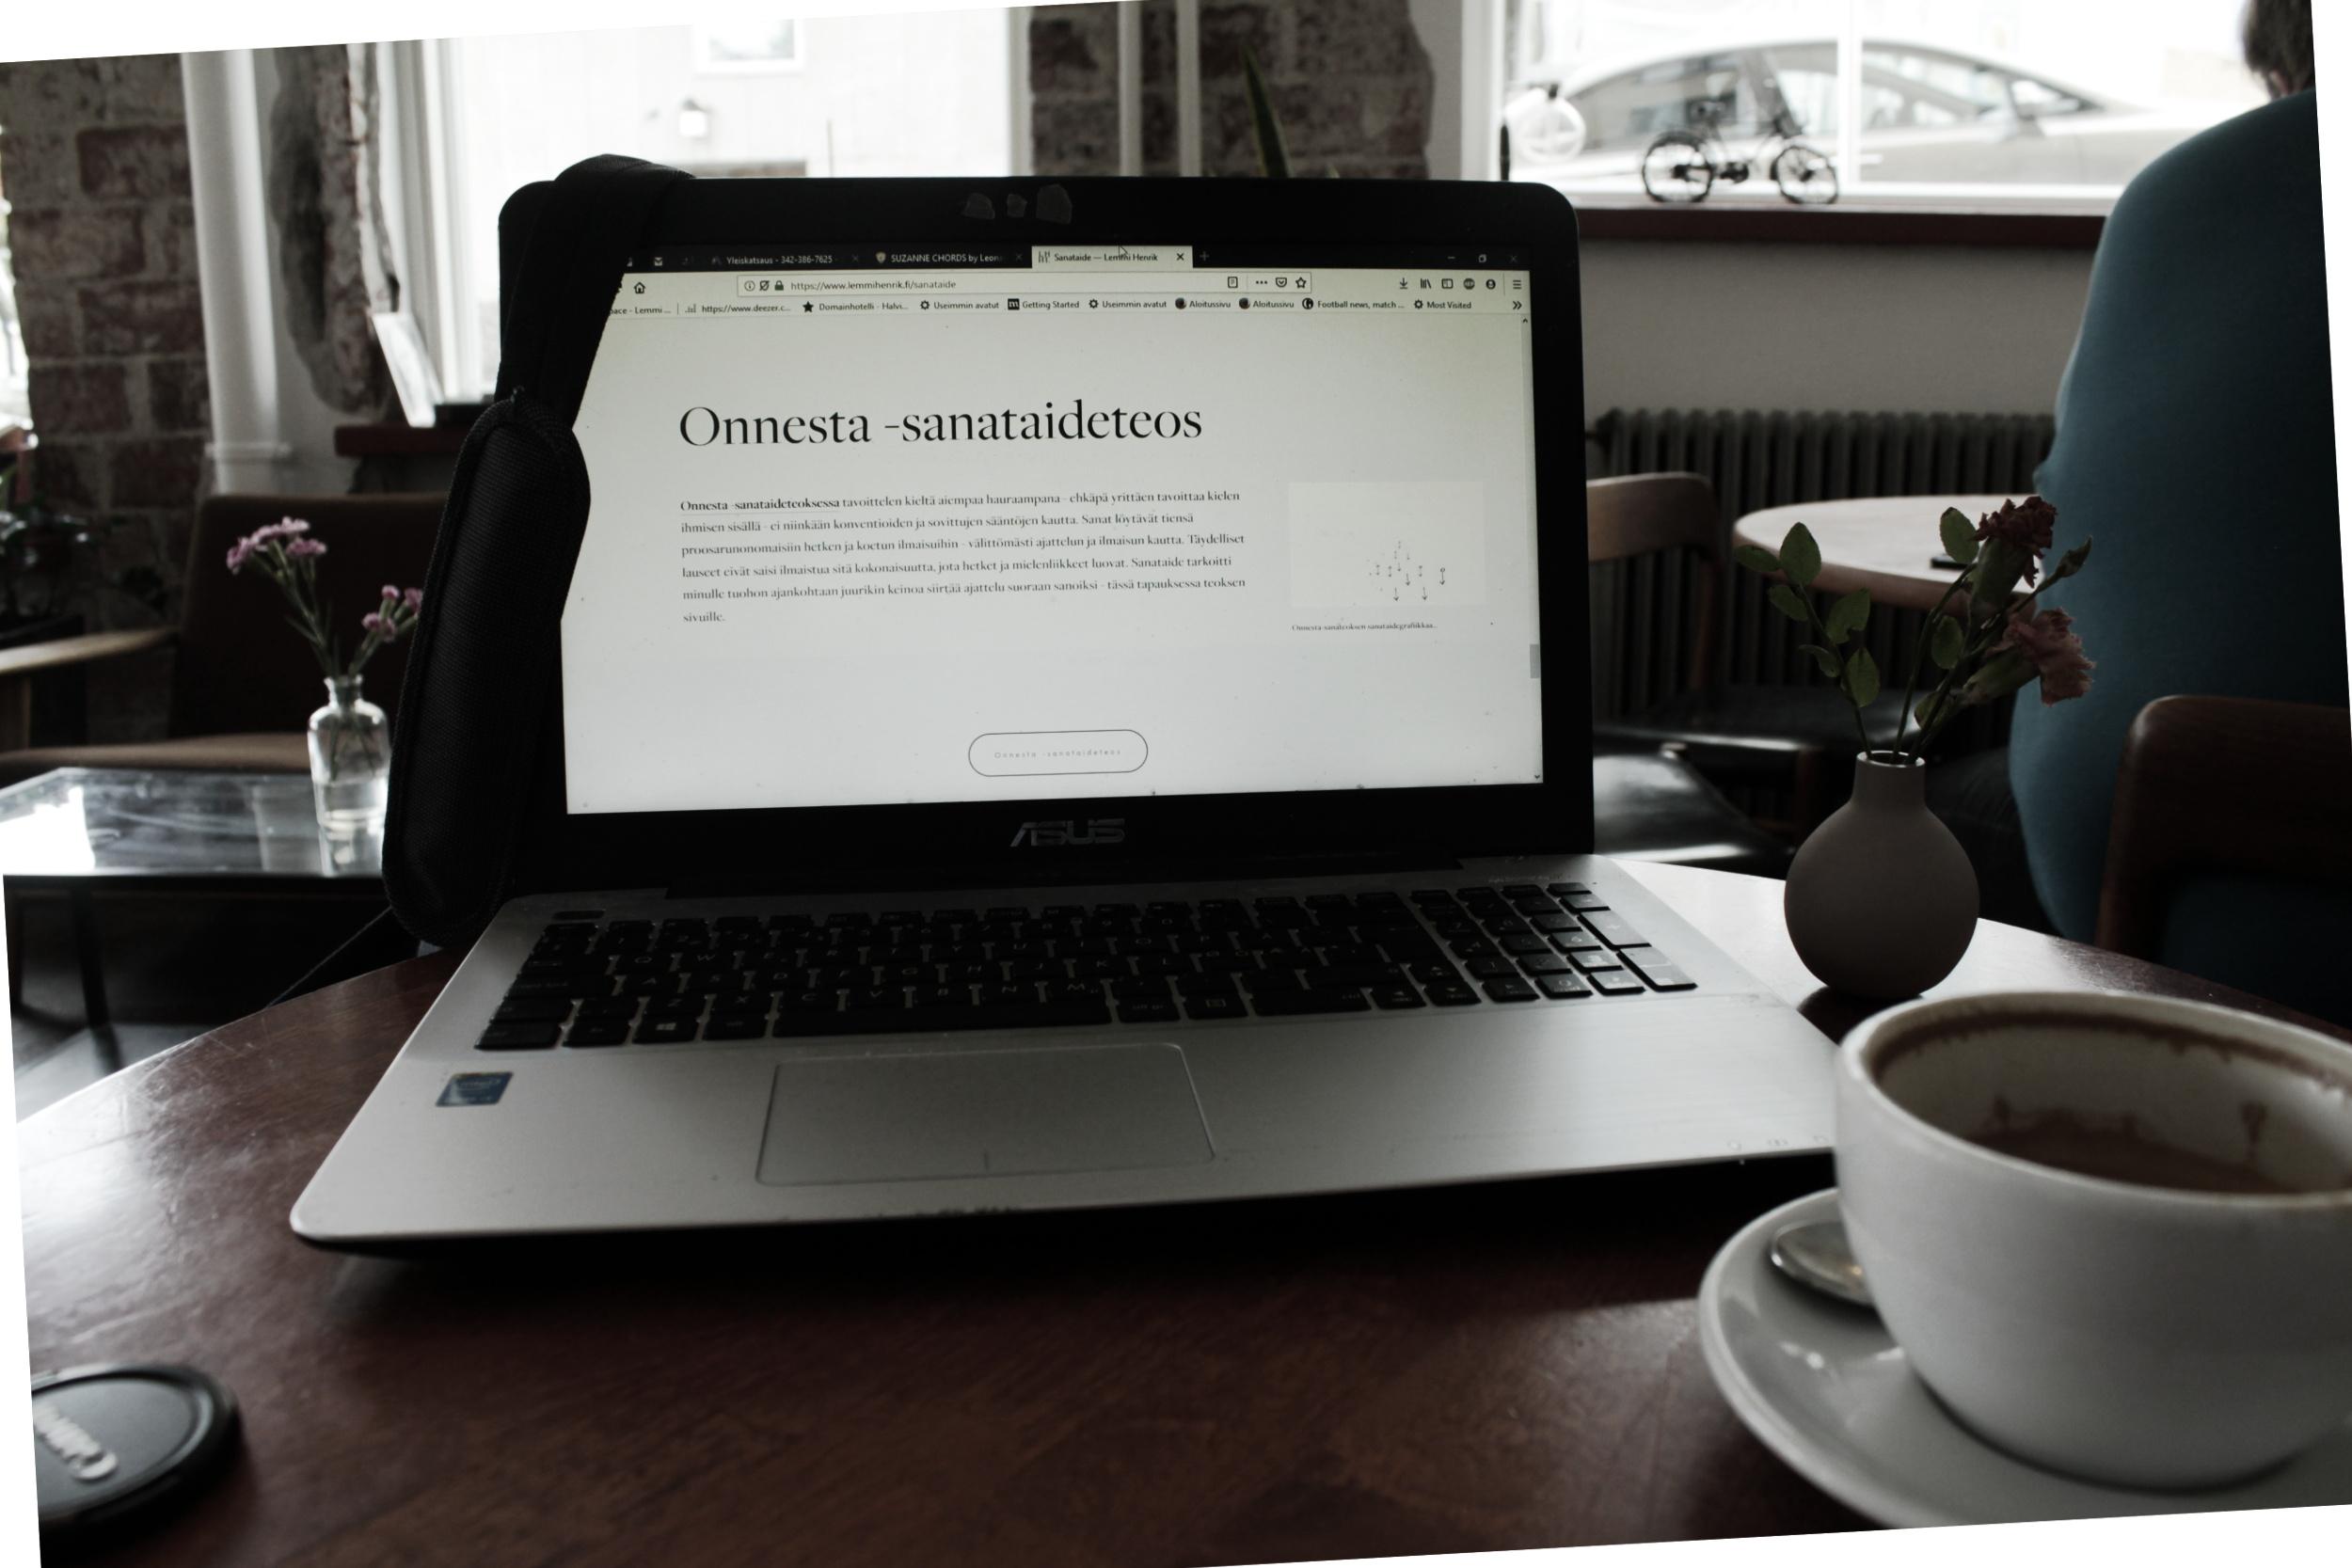 metafiktiivinen kuppi kahvia runosta latte sanataidepäiväkirja lemmi henrik.jpg